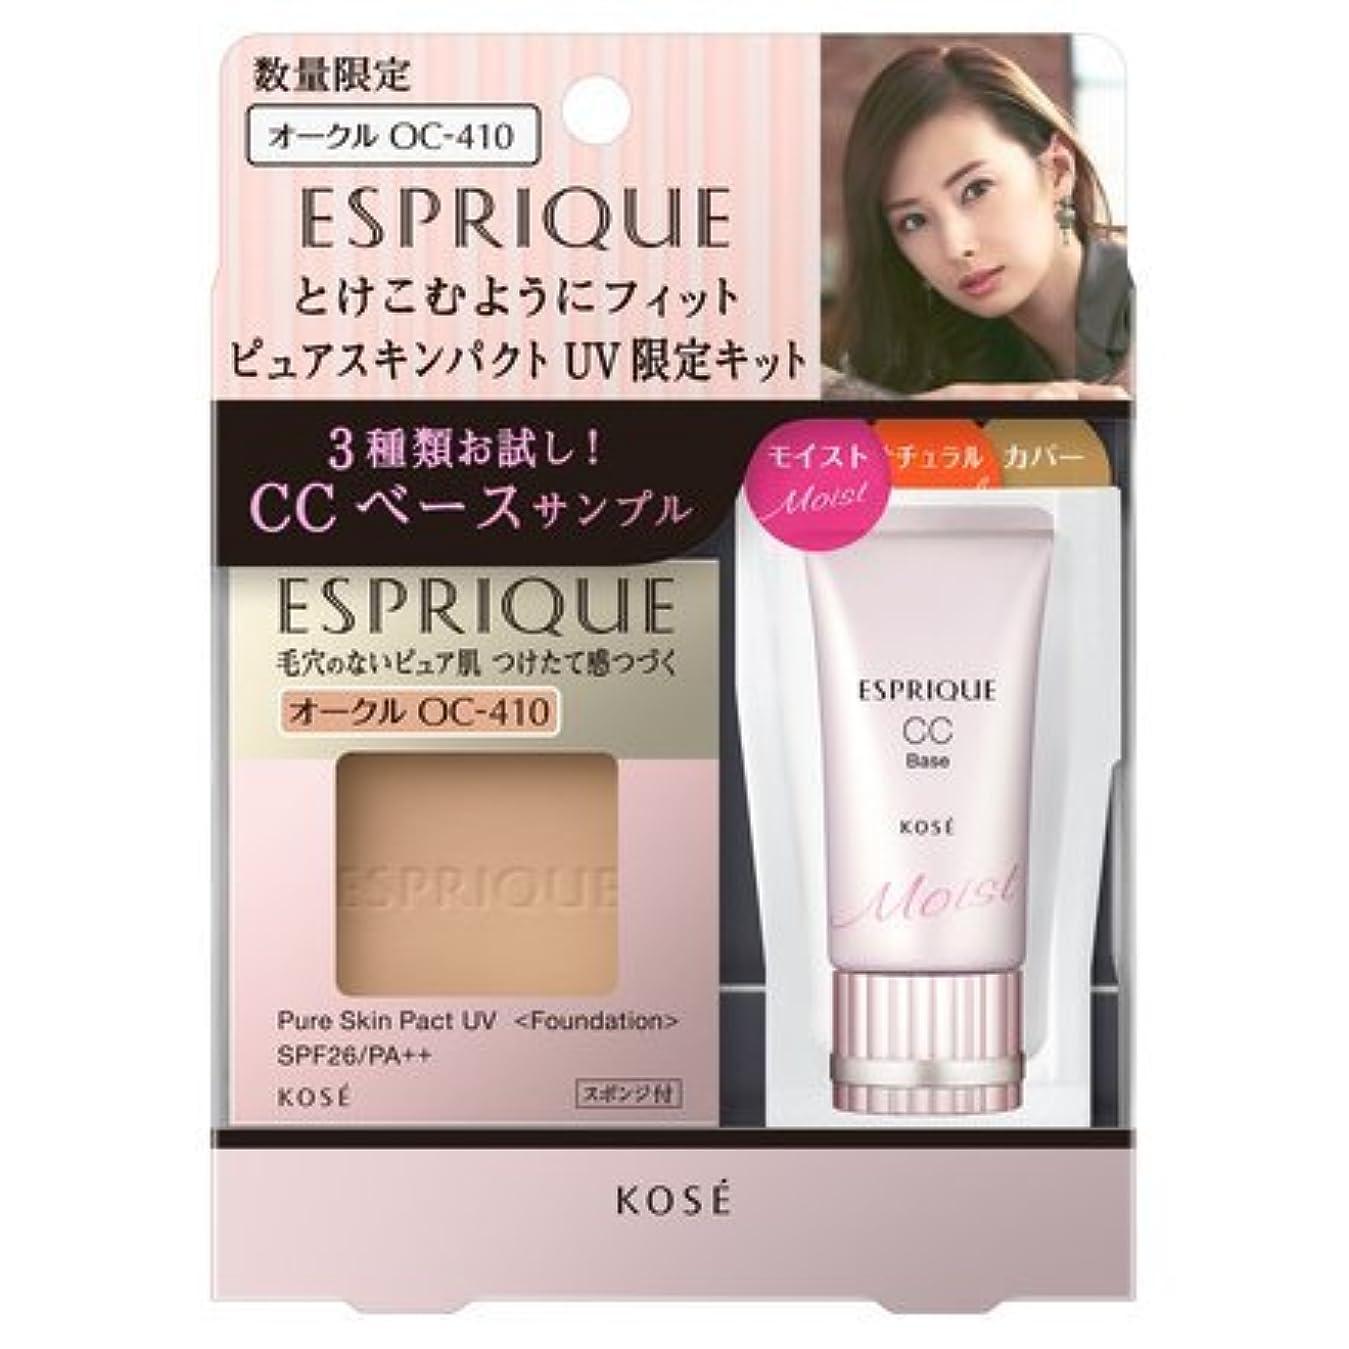 コーセー エスプリーク ピュアスキンパクトUV 限定キット4 (OC-410)